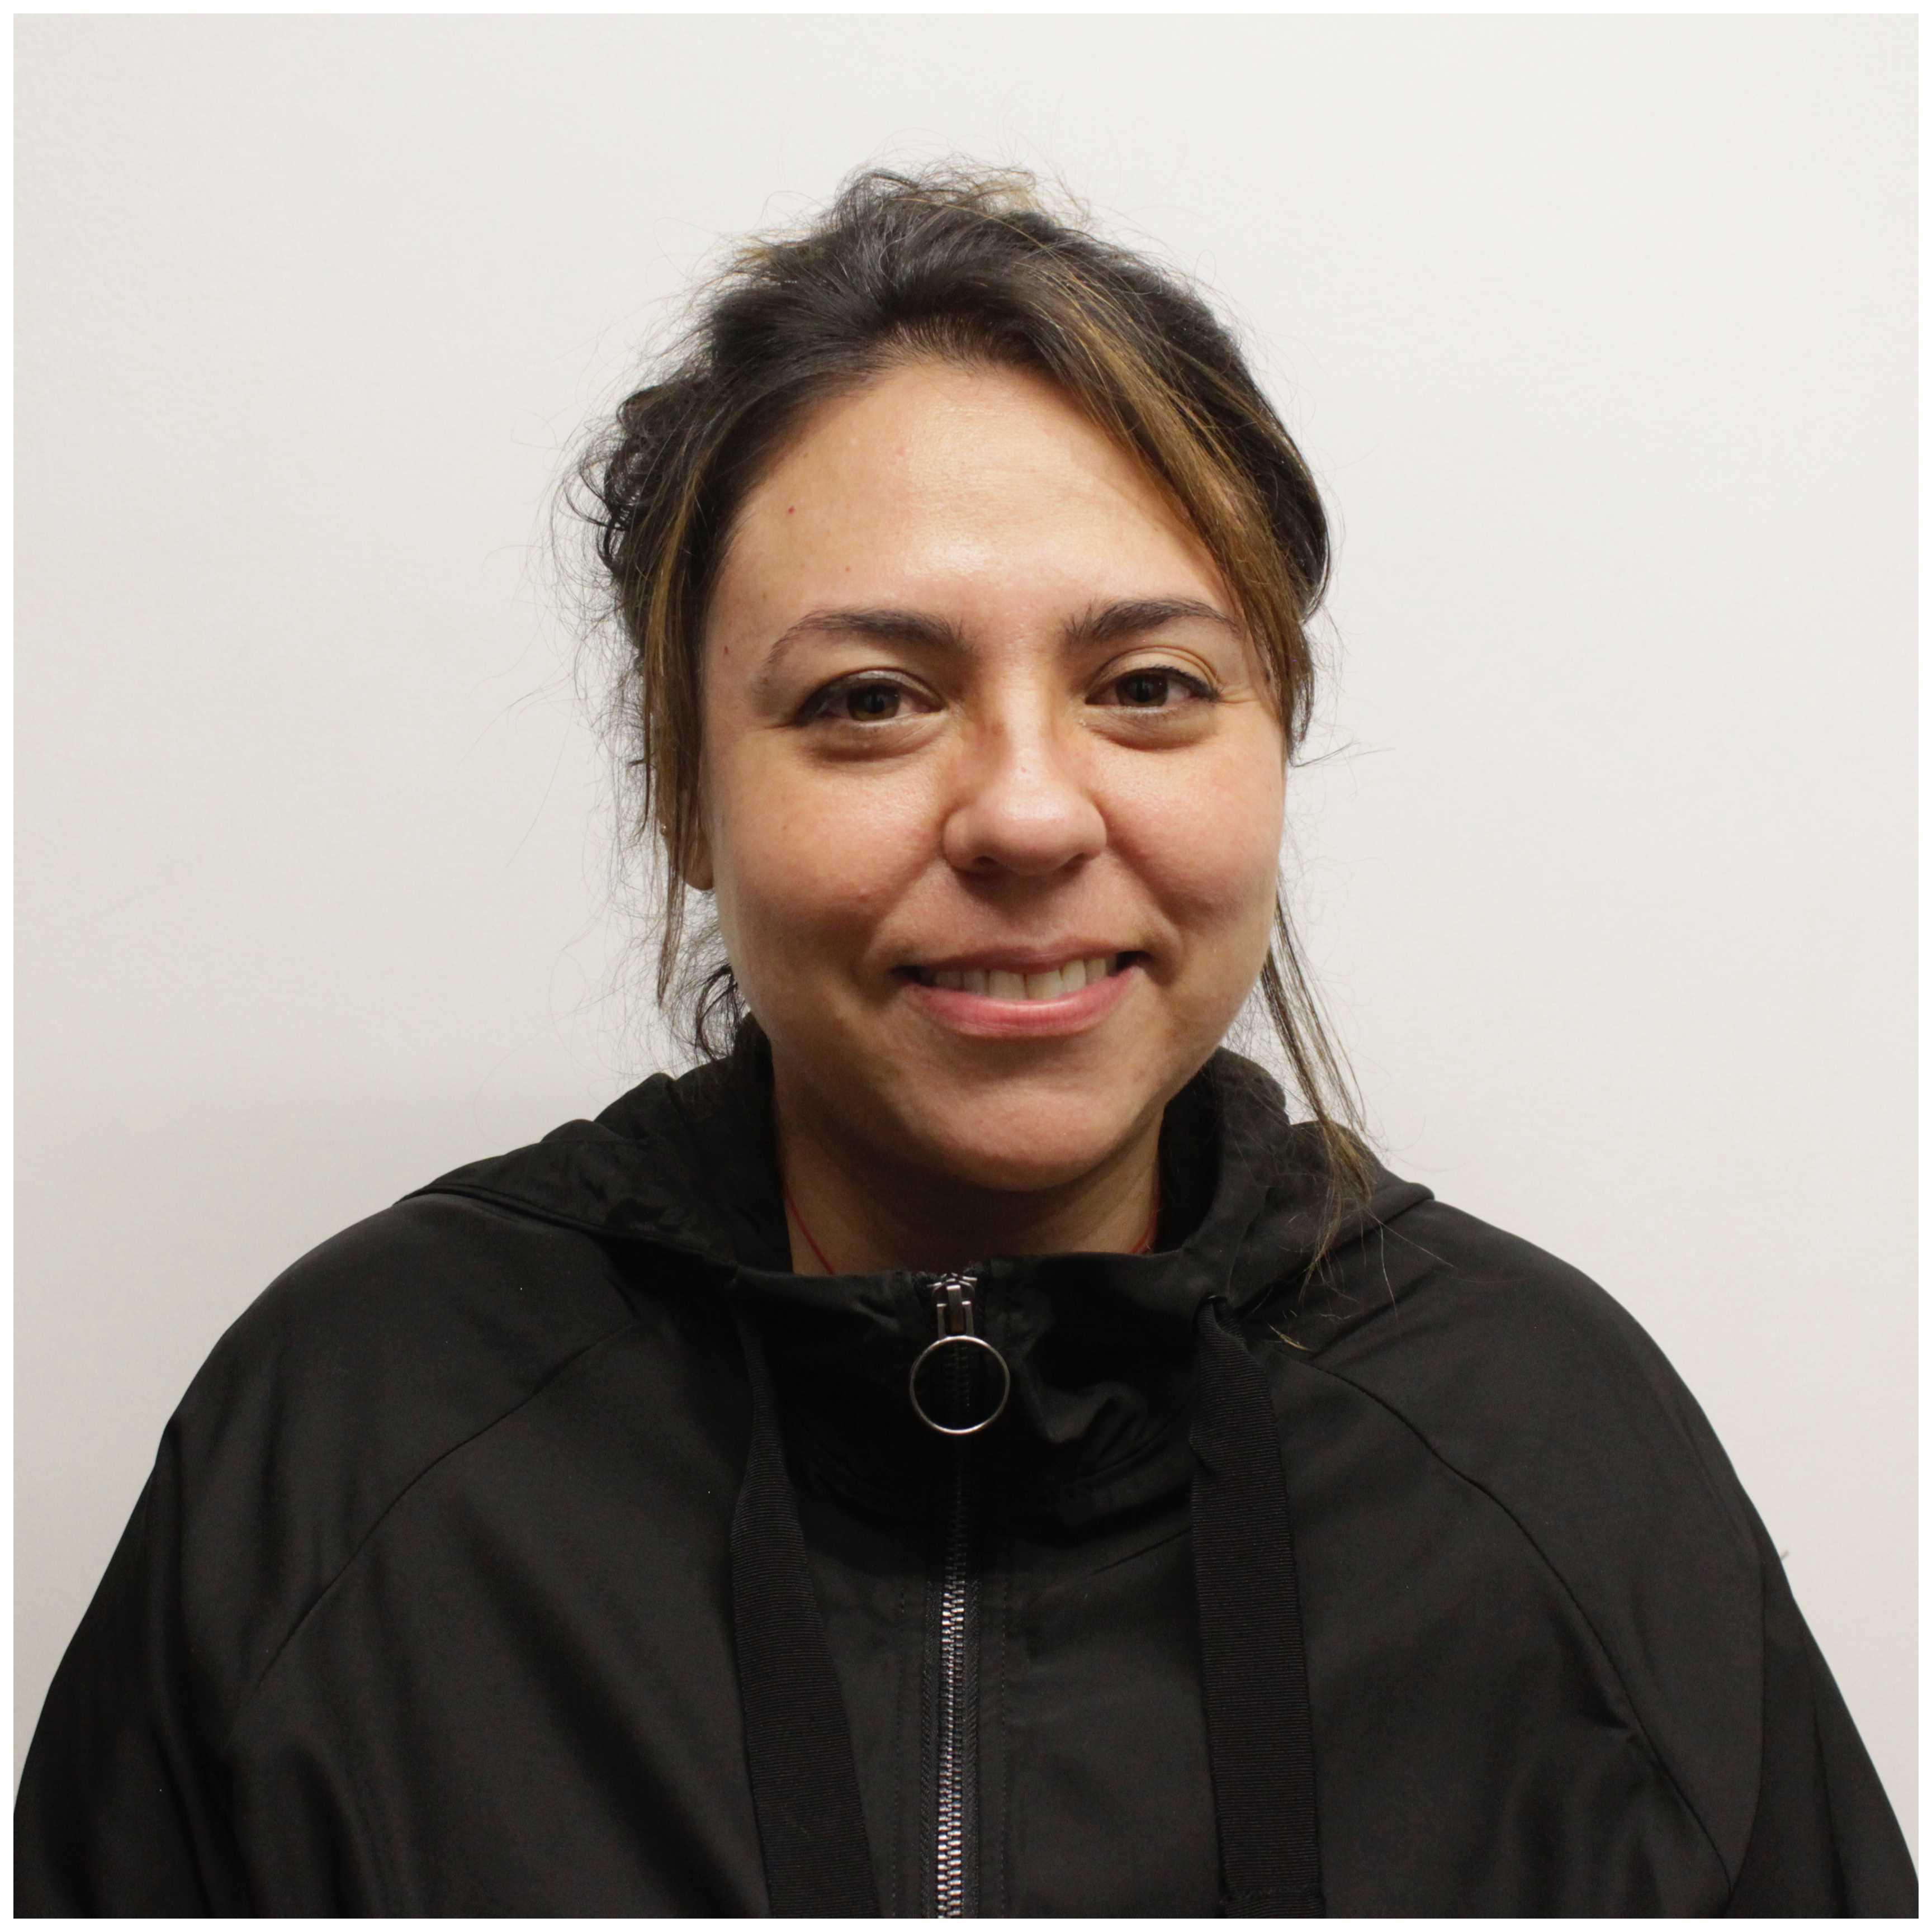 Vanessa Liévano